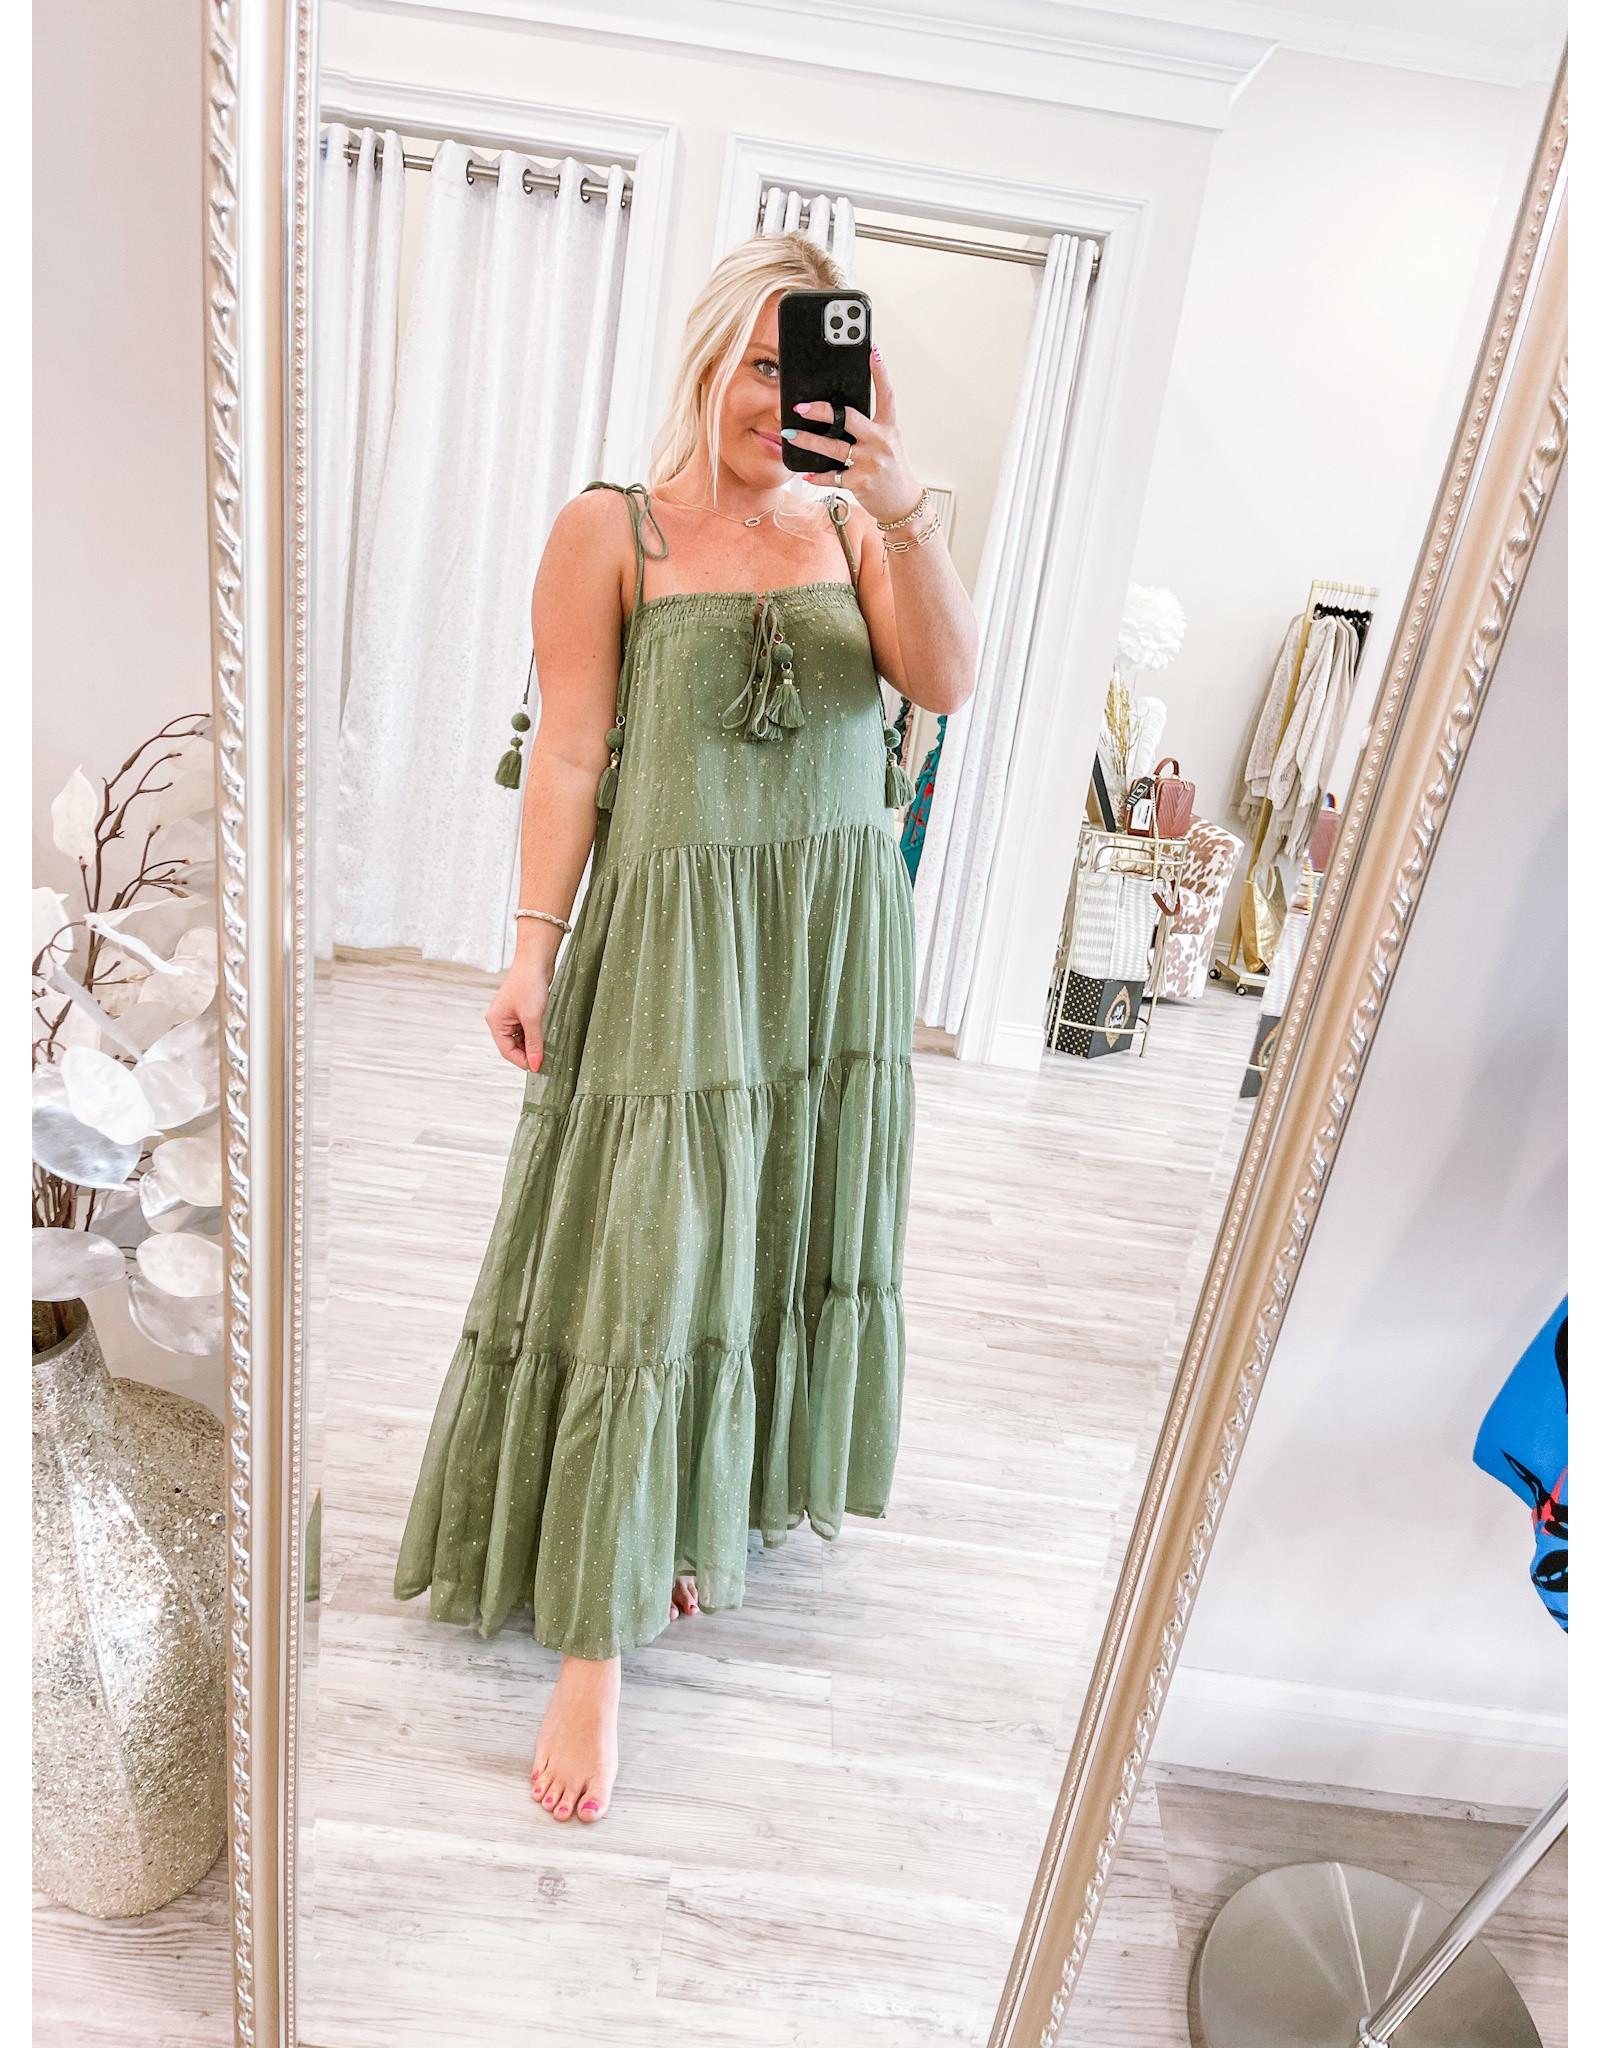 Storia Gold Stars Tassel Detail Maxi Dress - Olive